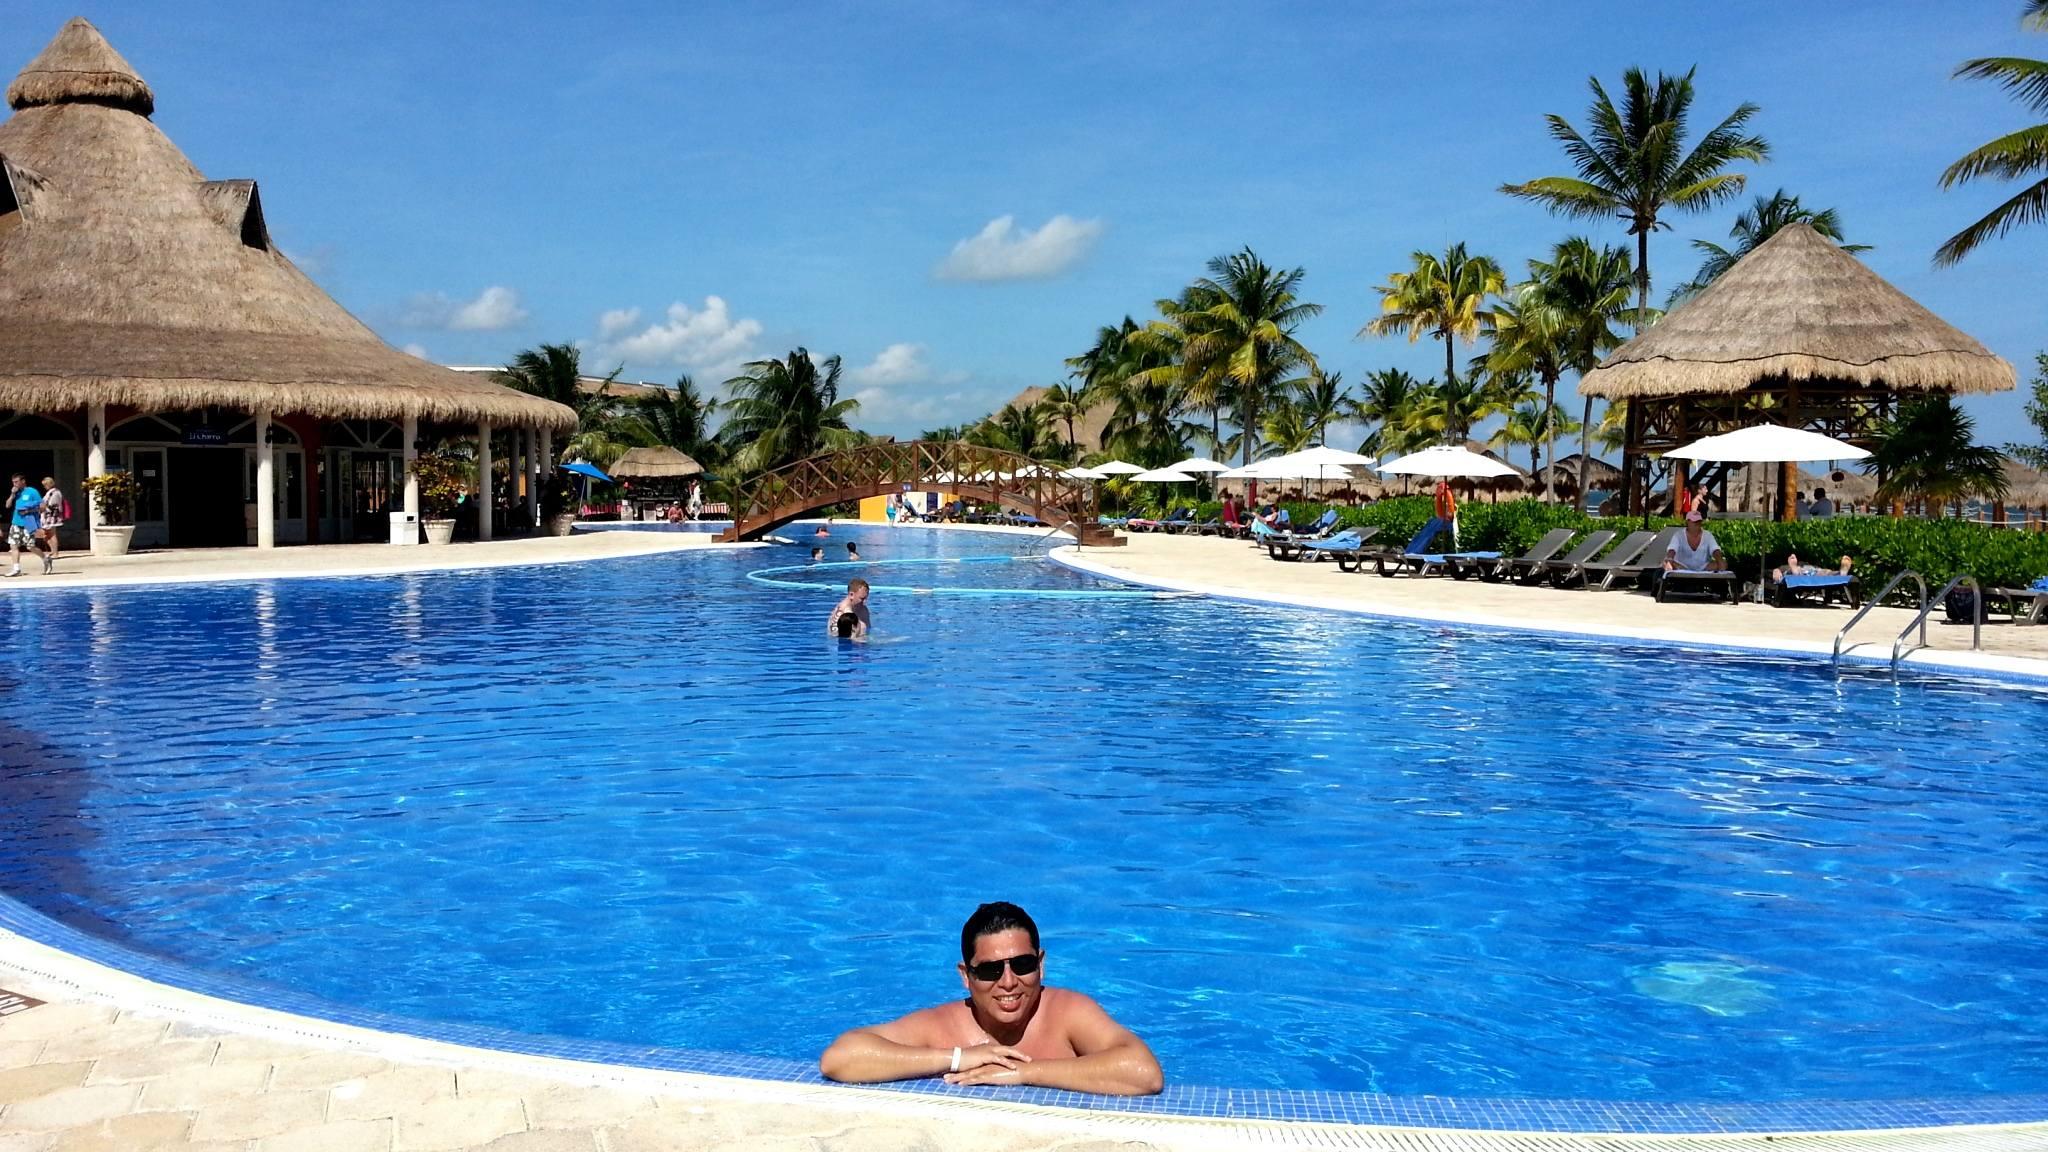 Lima a Riviera Maya: Cancun, Coco Bongo, Xcaret, Playas y diversión. ¿Cómo llegar? ¿Qué hacer? y ¿Cuanto cuesta?